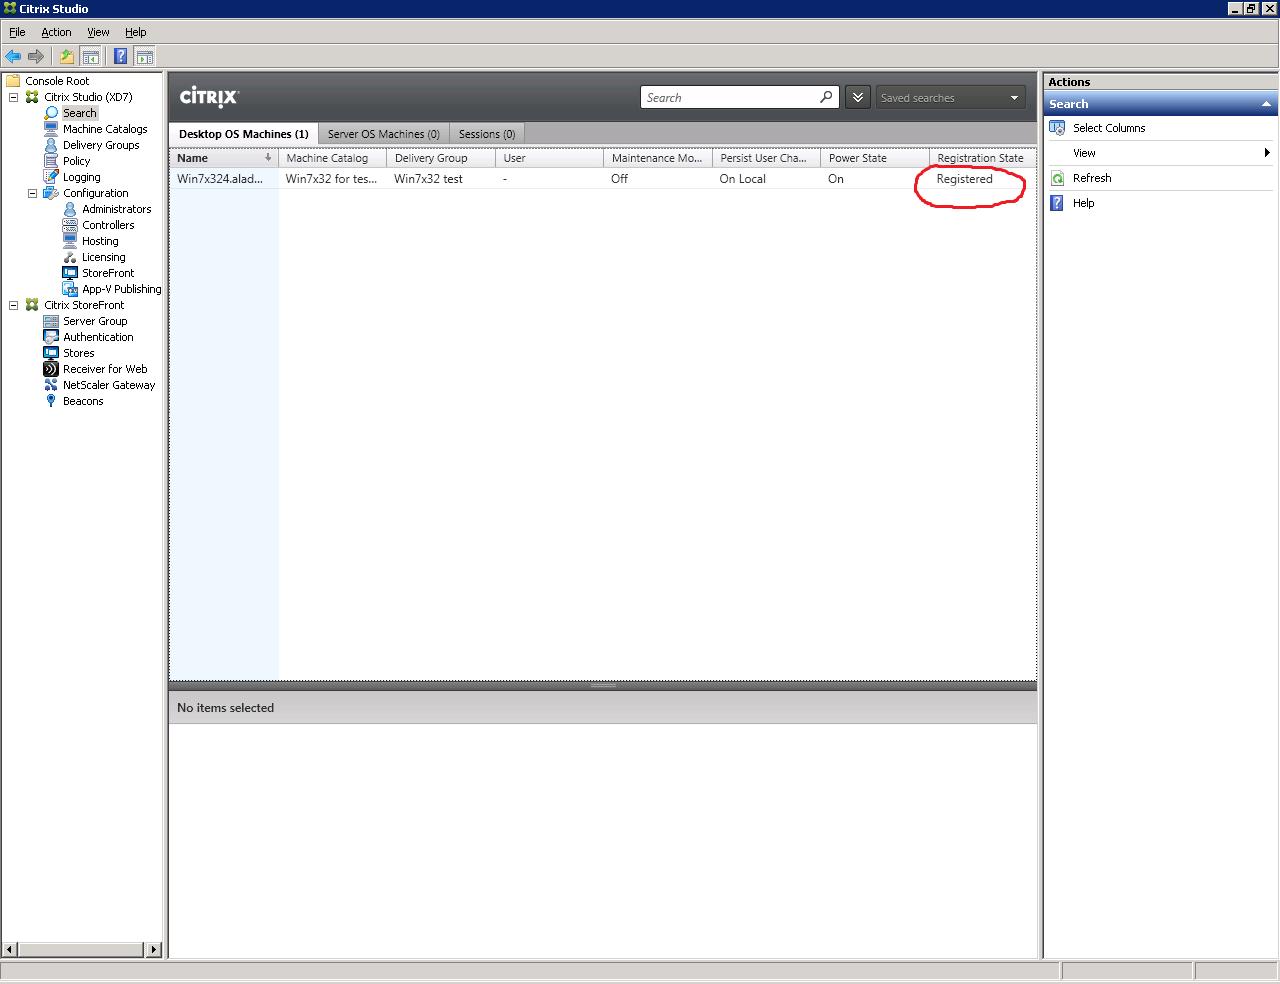 Настройка аутентификации в Citrix XenDesktop 7.x c использованием смарт-карт JaCarta PKI - 17